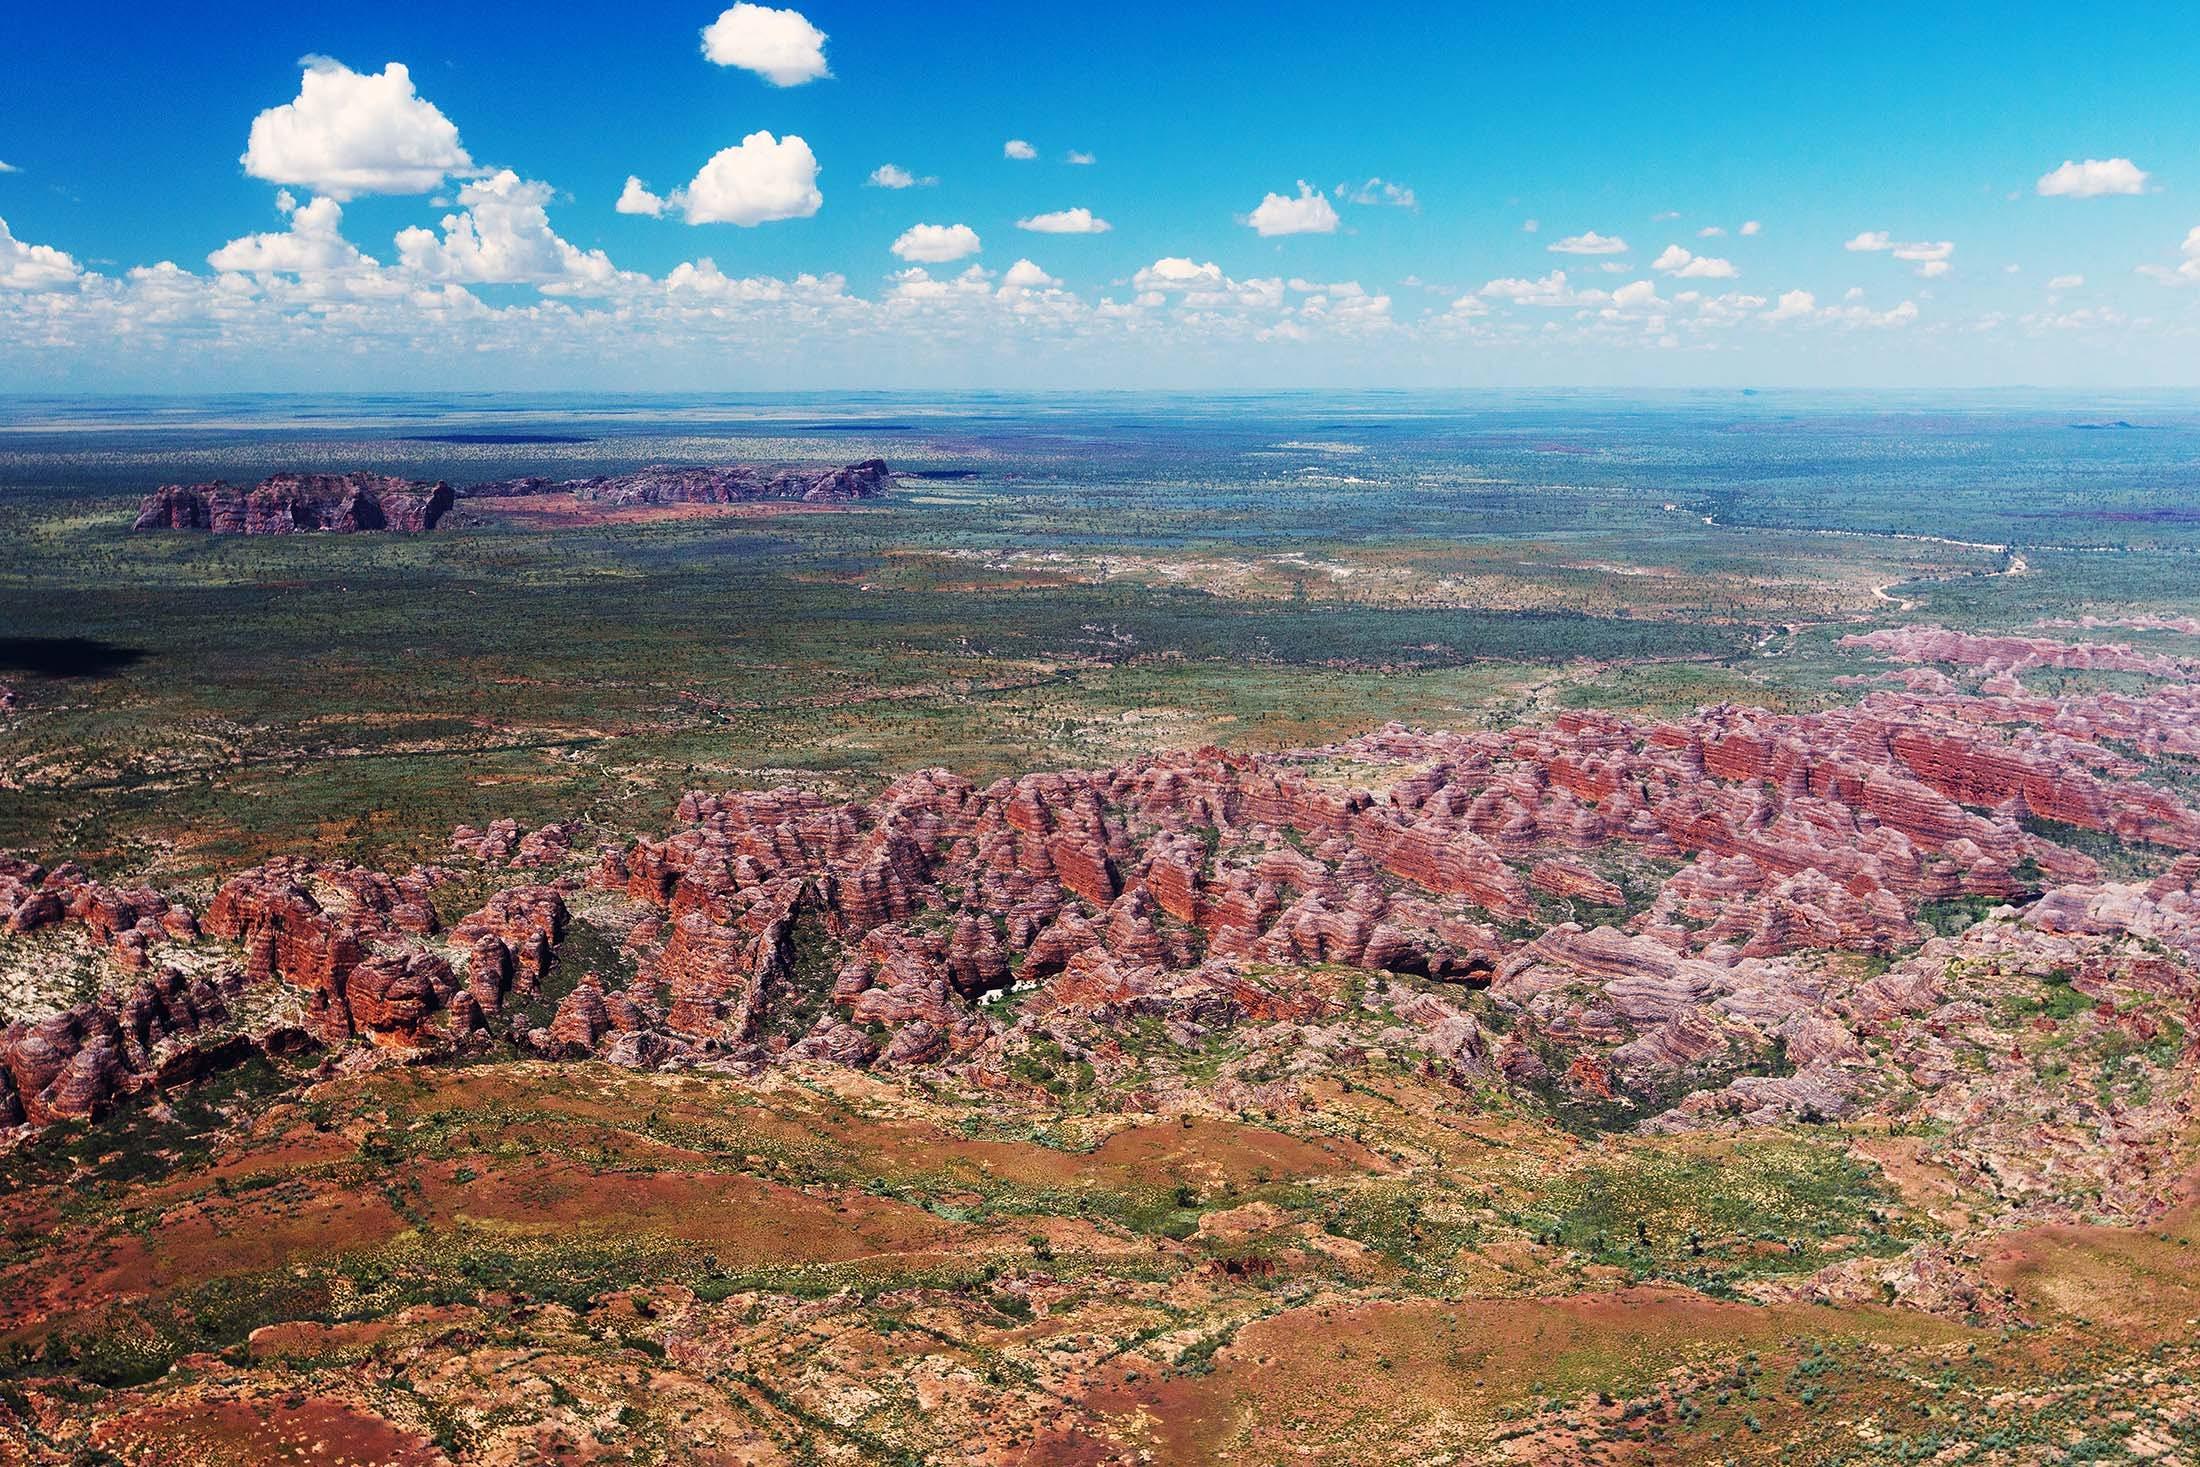 The Bungle Bungle range, Kimberley, Australia